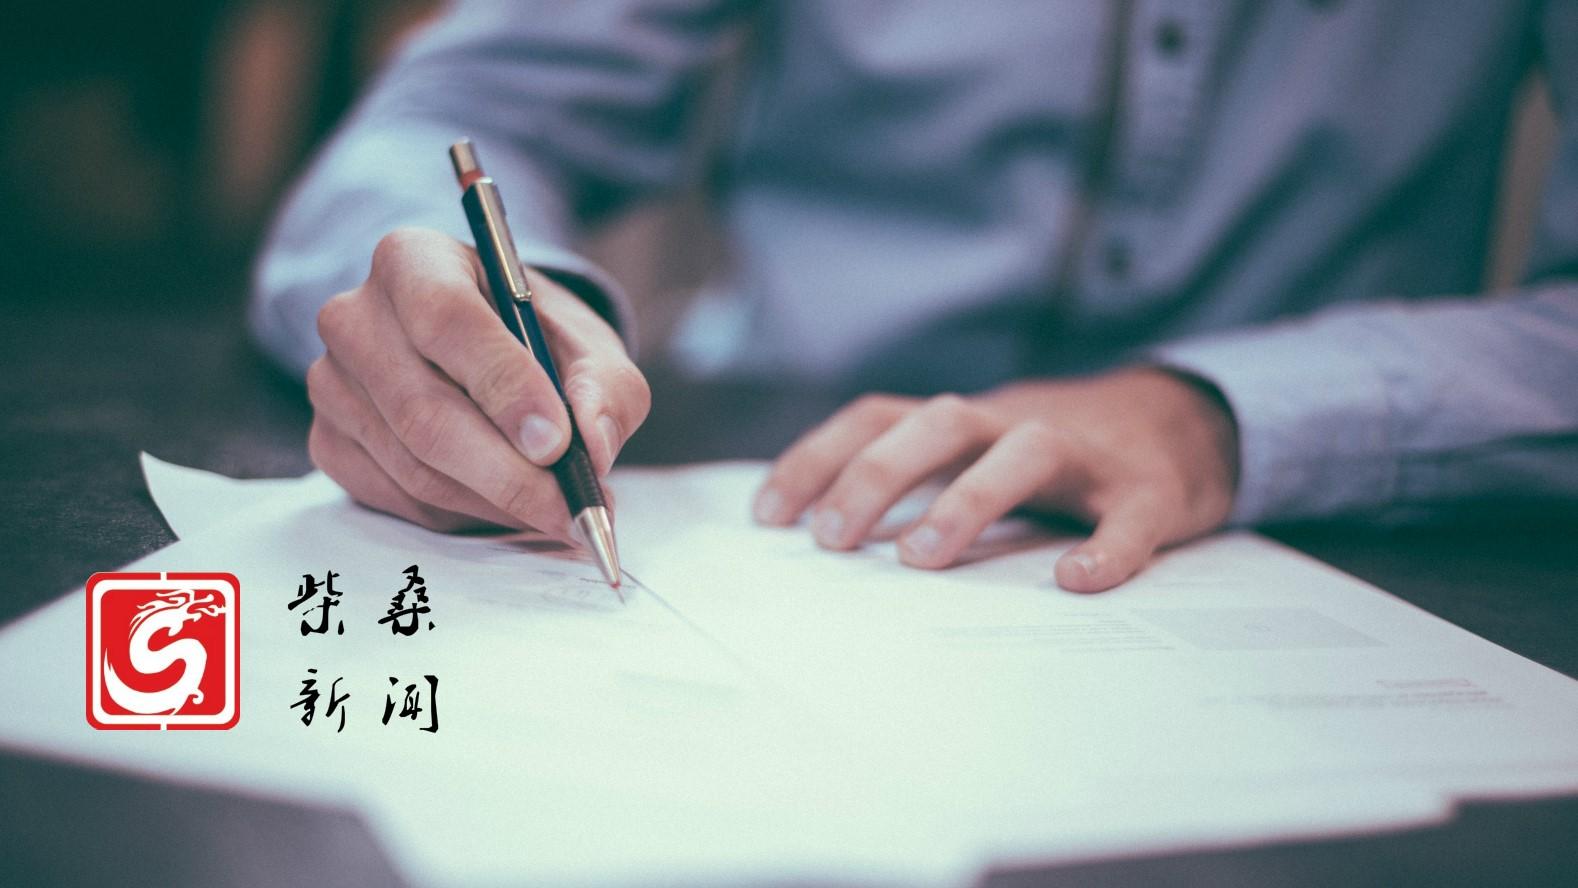 【柴桑新闻】我所受邀参加九江农商银行2018年度股东大会